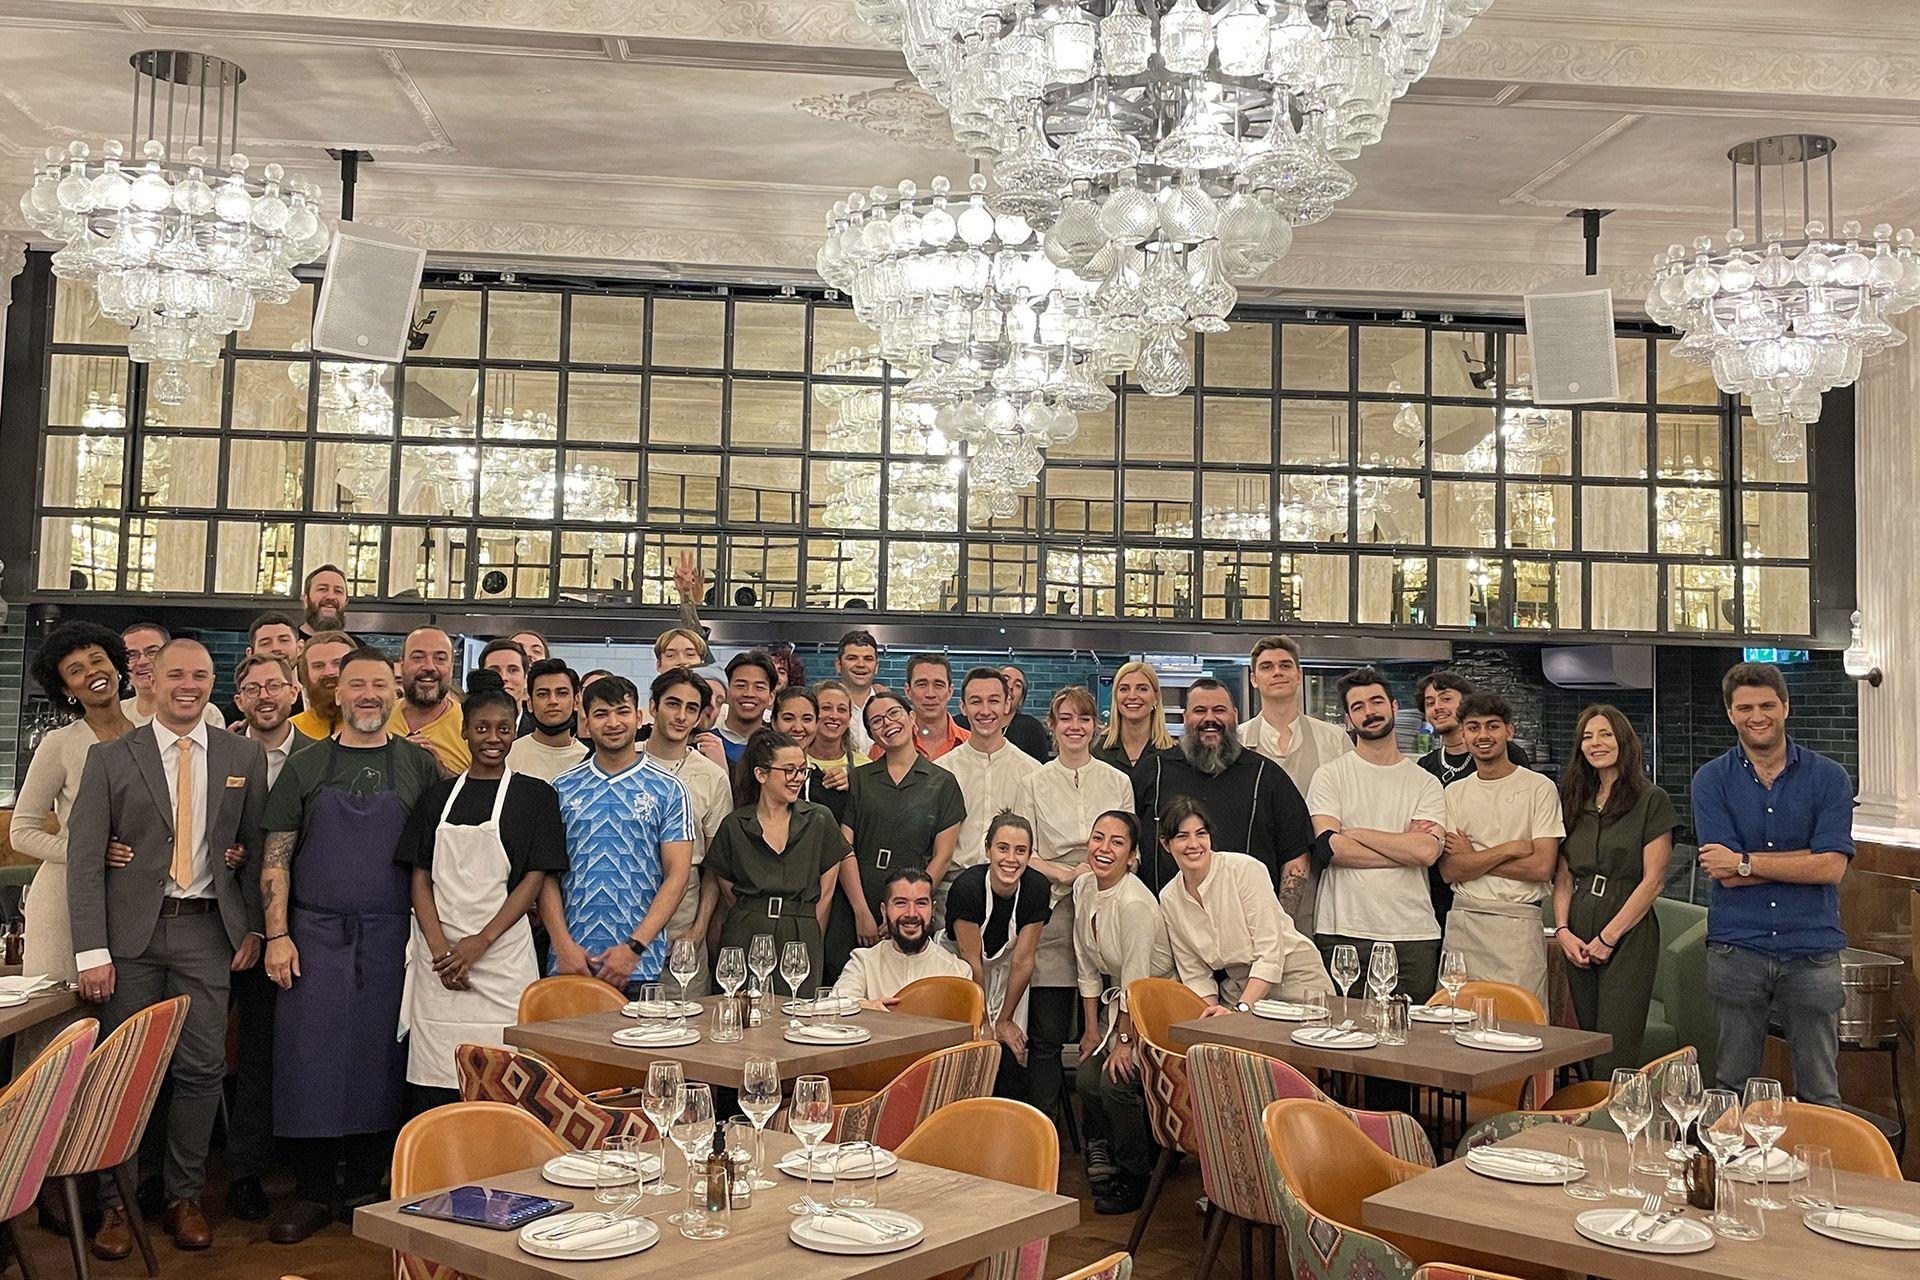 El equipo completo de Sucre London, el restaurante de Fernando Trocca que abrió hace unos días en Londres